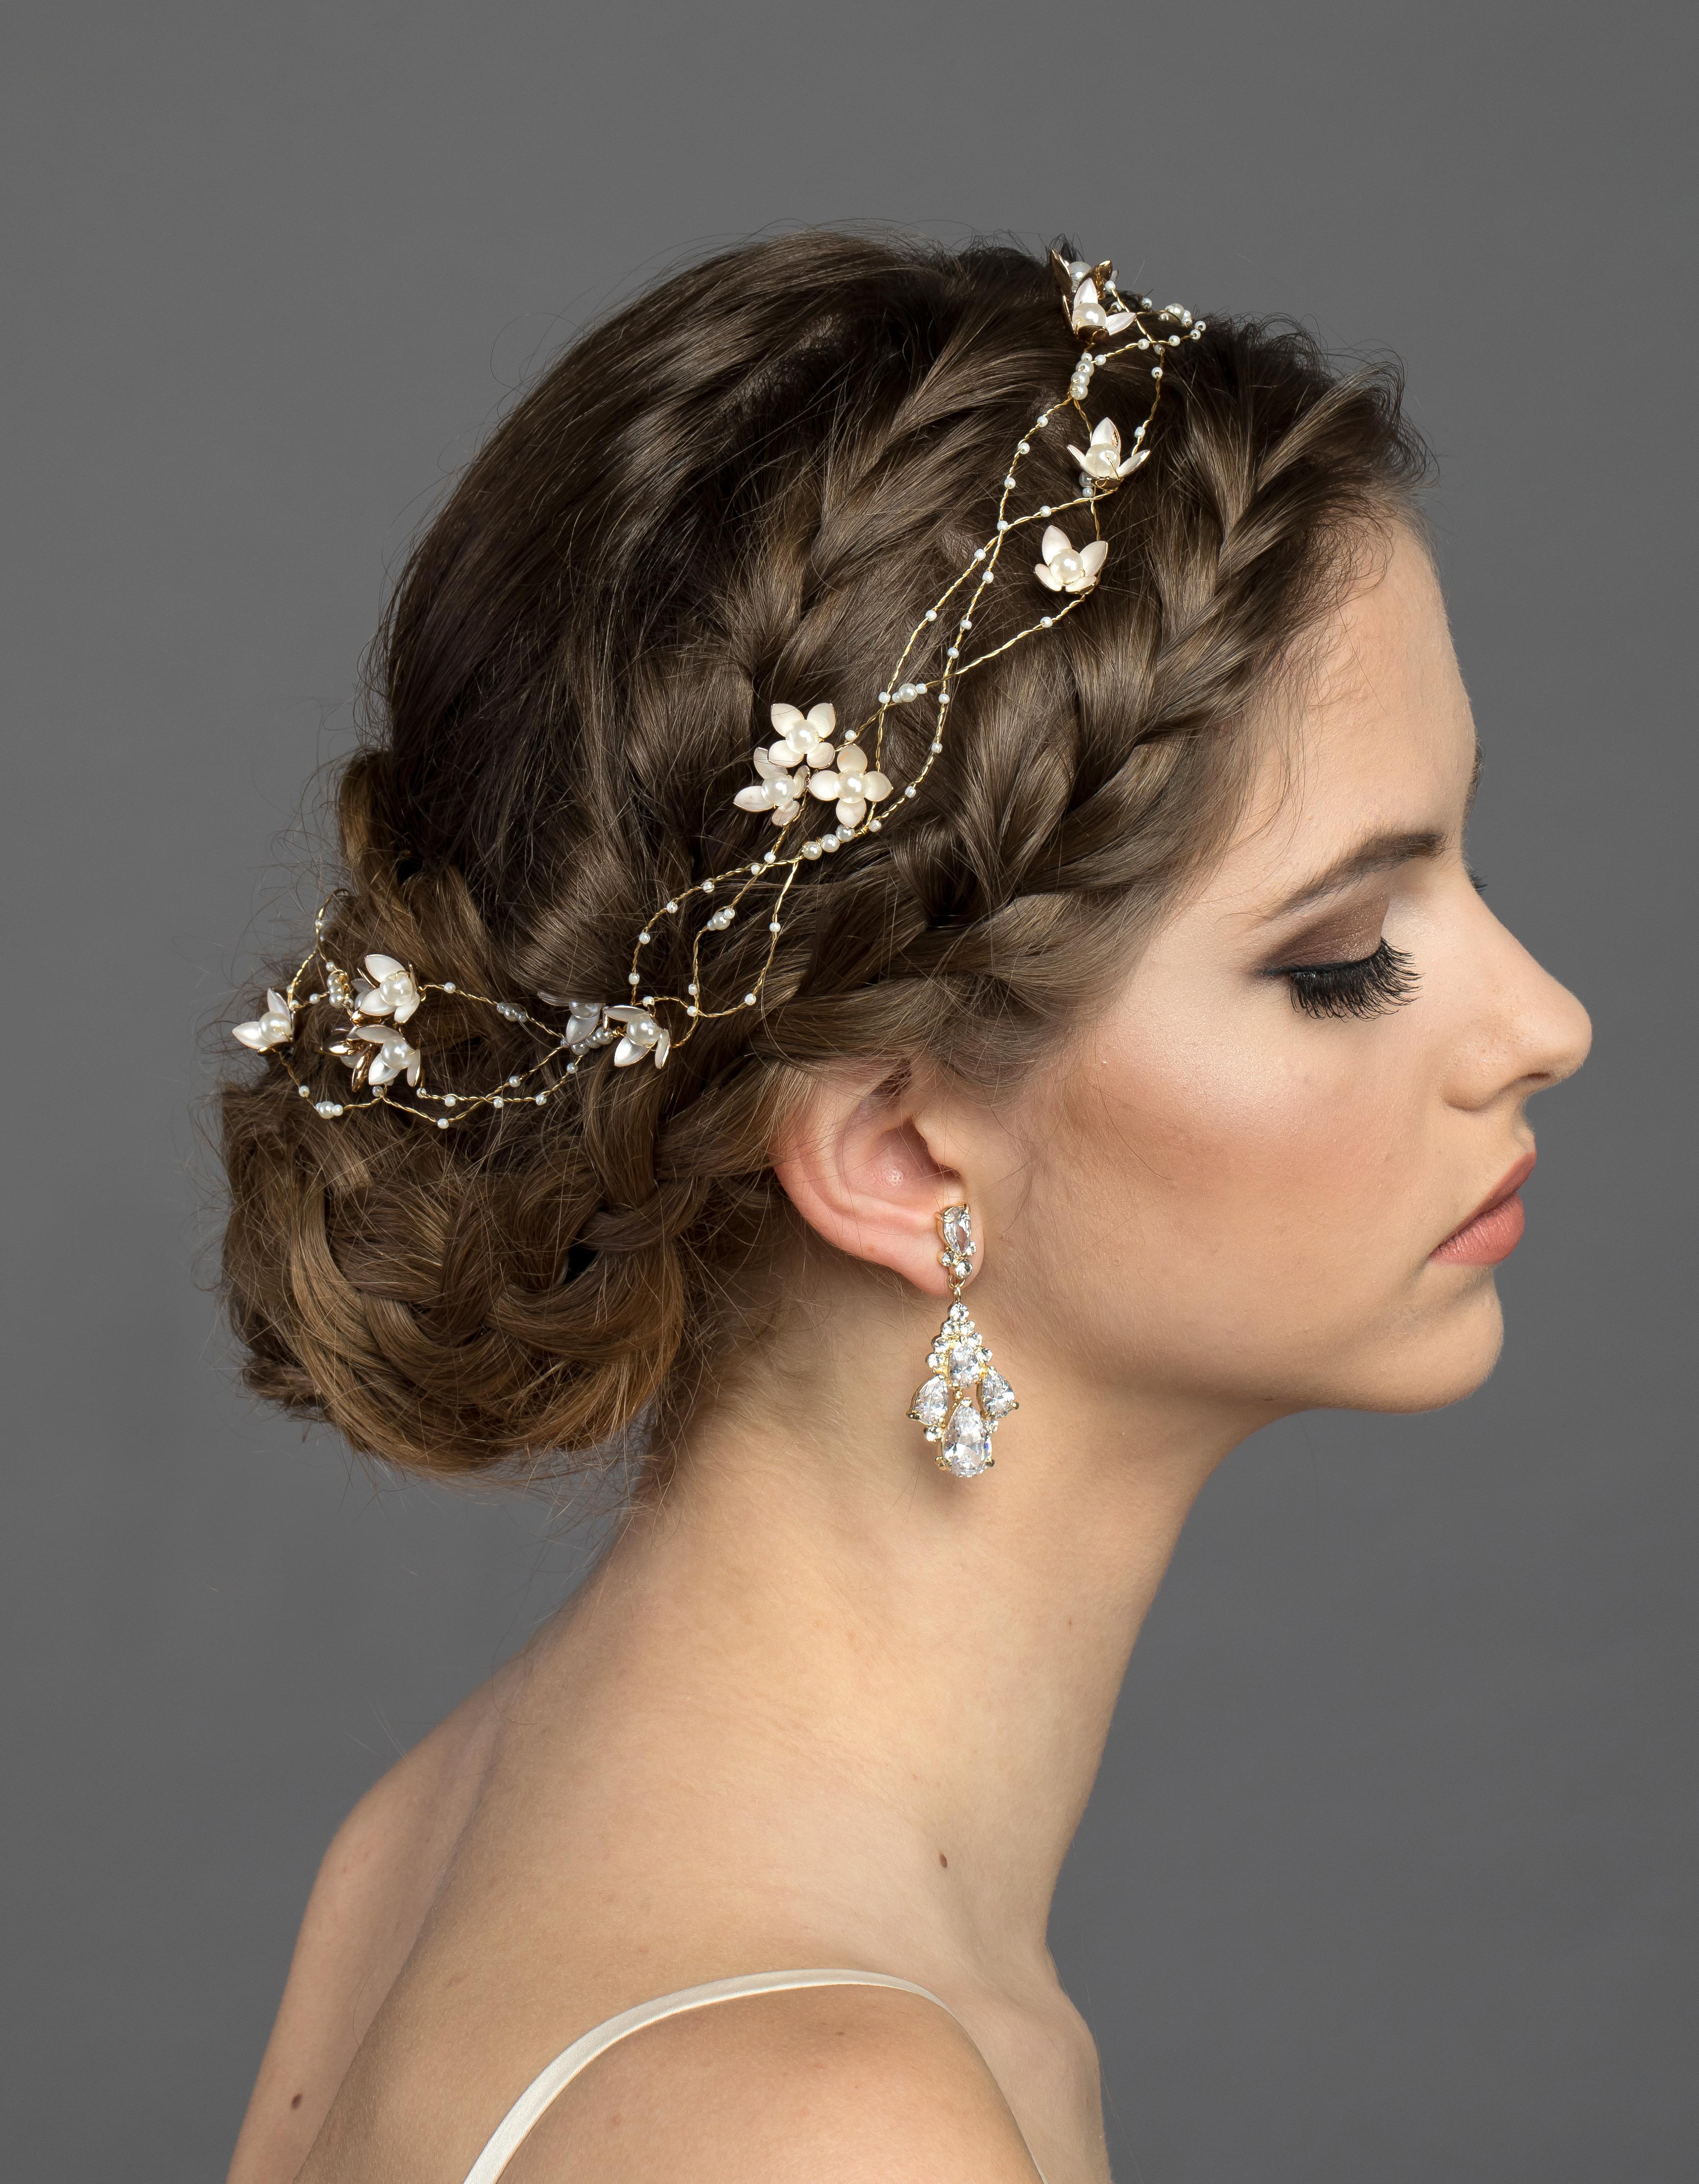 Bridal Classics Headbands, Wreaths & Vines HB-7101